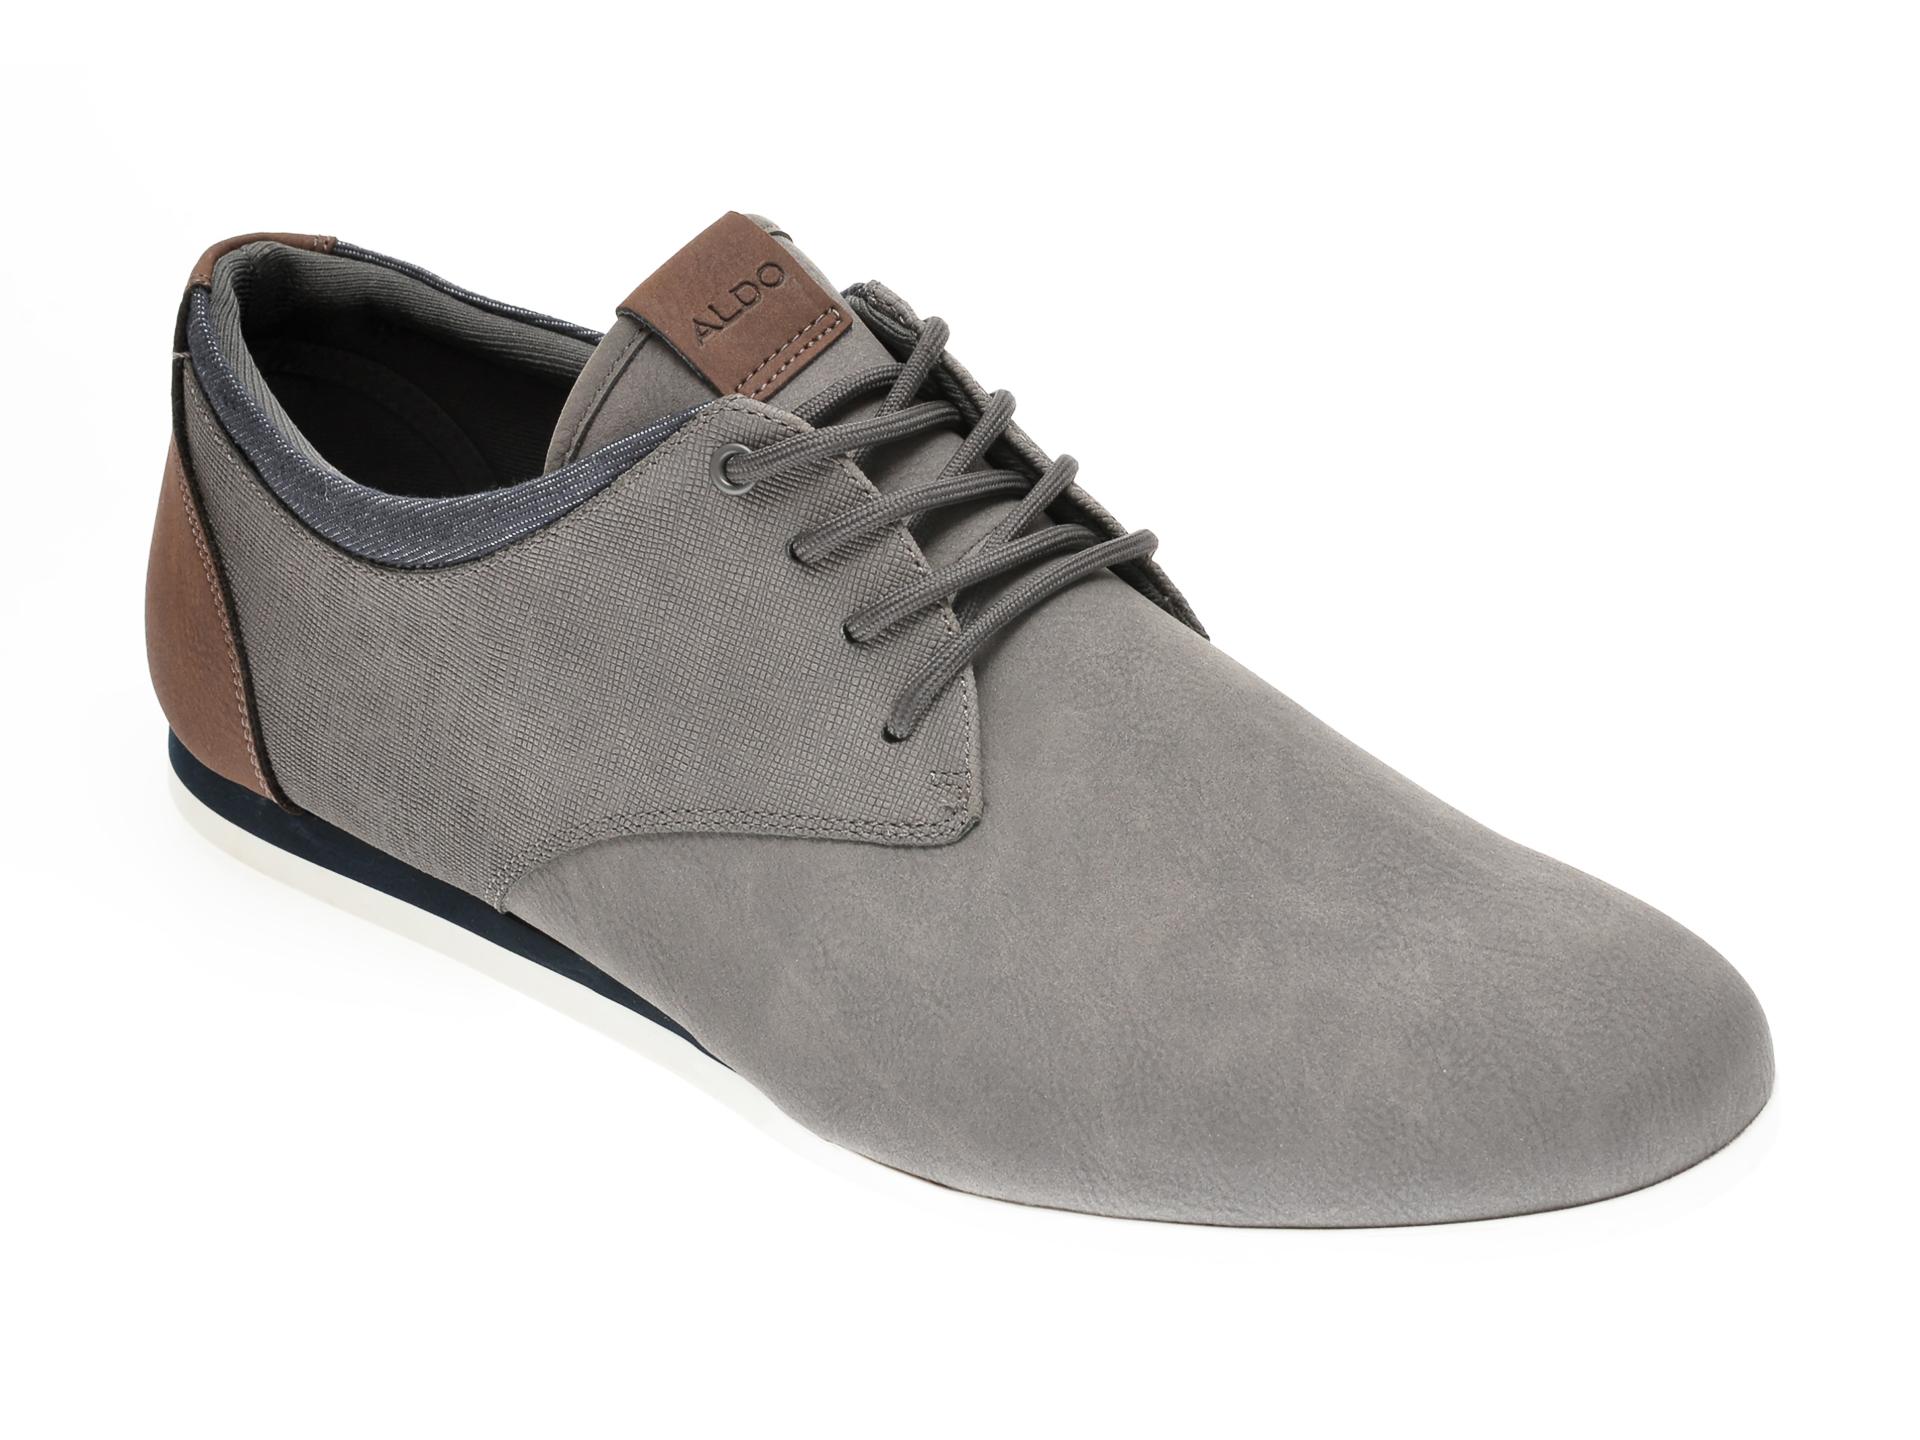 Pantofi ALDO gri, Aauwen-R060, din piele ecologica imagine